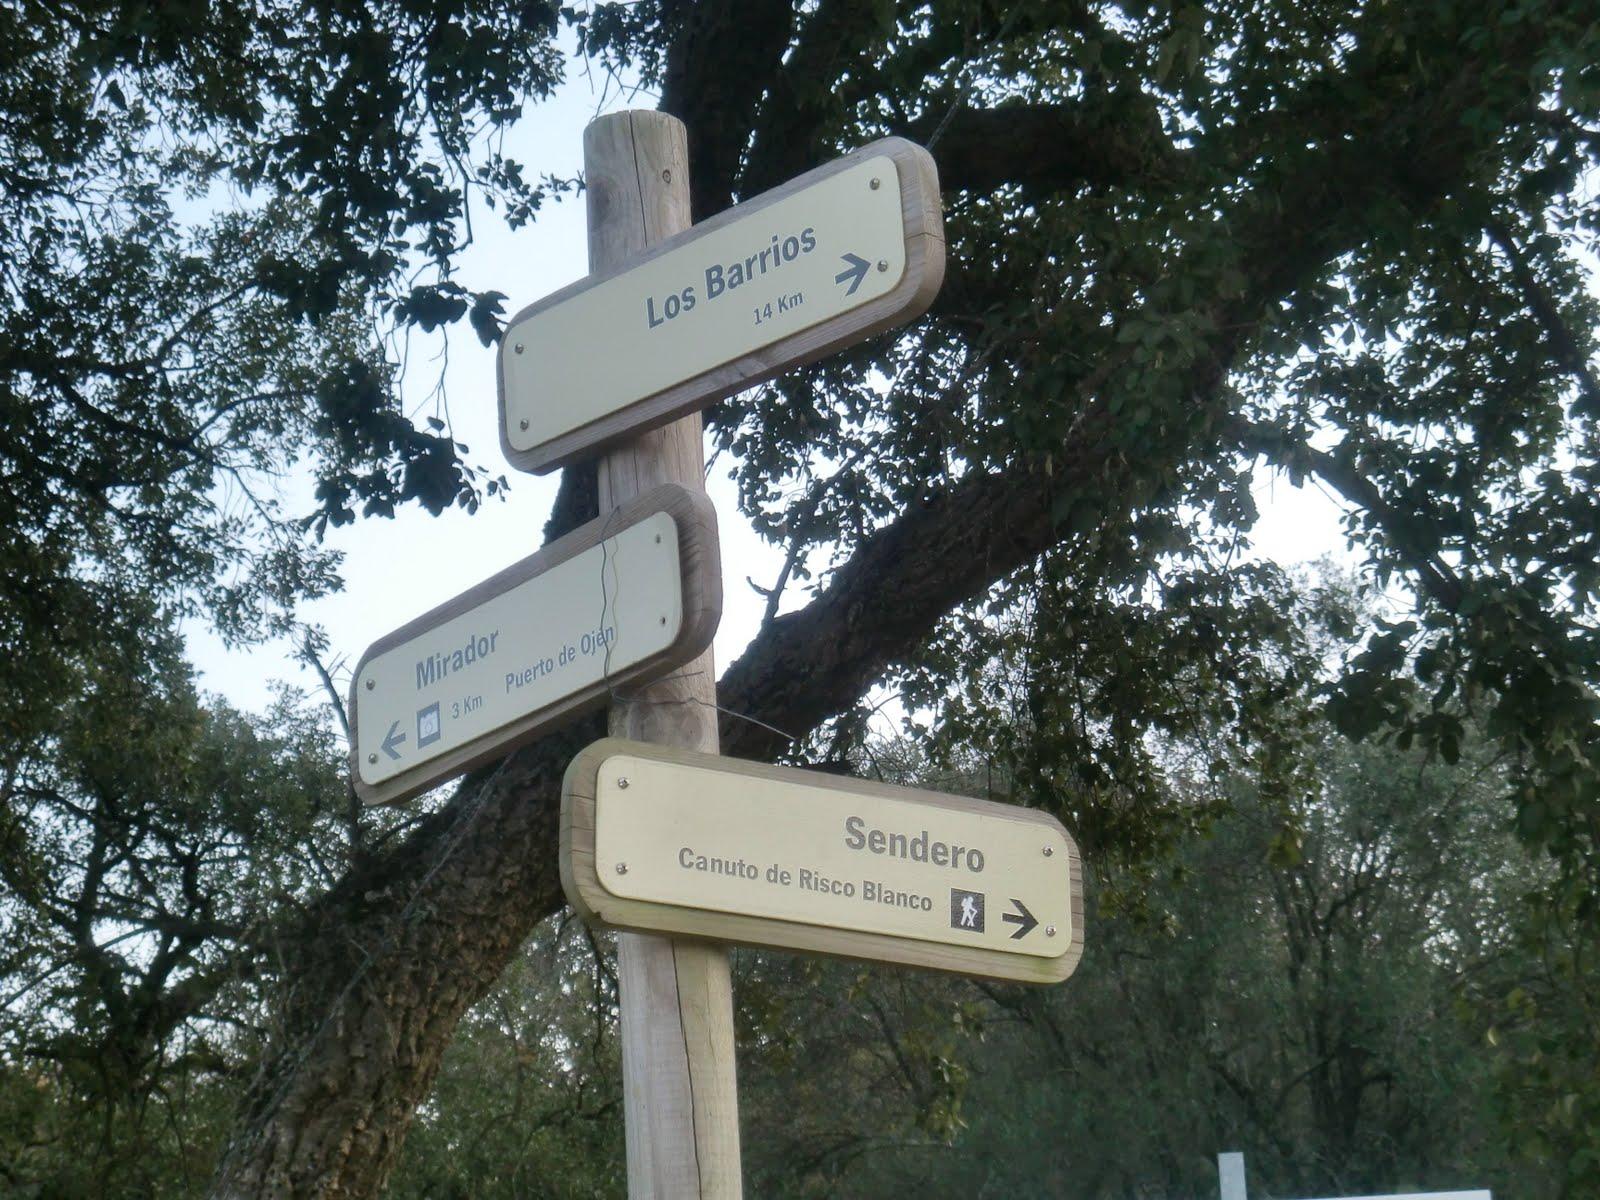 Caminata de Risco Blanco sábado 12 y visita guiada a Bacinete domingo 13